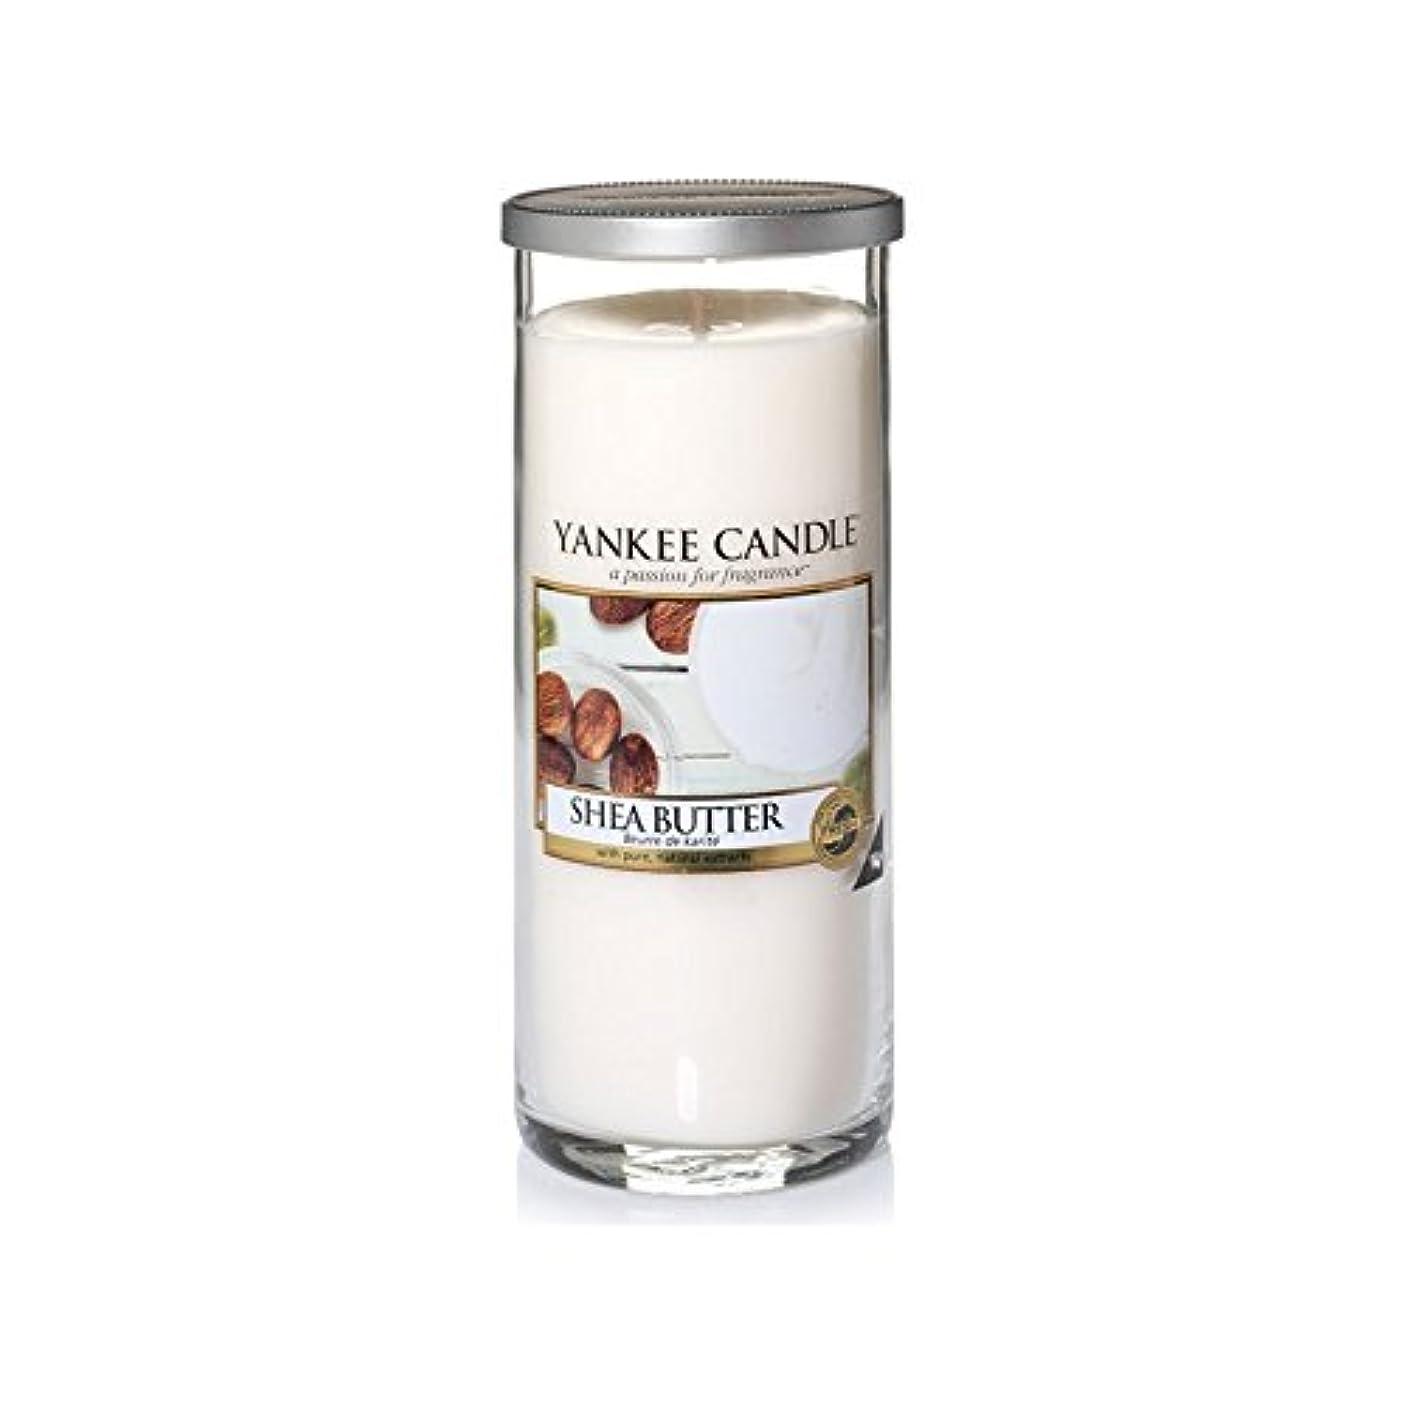 ためらう貢献する政権ヤンキーキャンドル大きな柱キャンドル - シアバター - Yankee Candles Large Pillar Candle - Shea Butter (Yankee Candles) [並行輸入品]